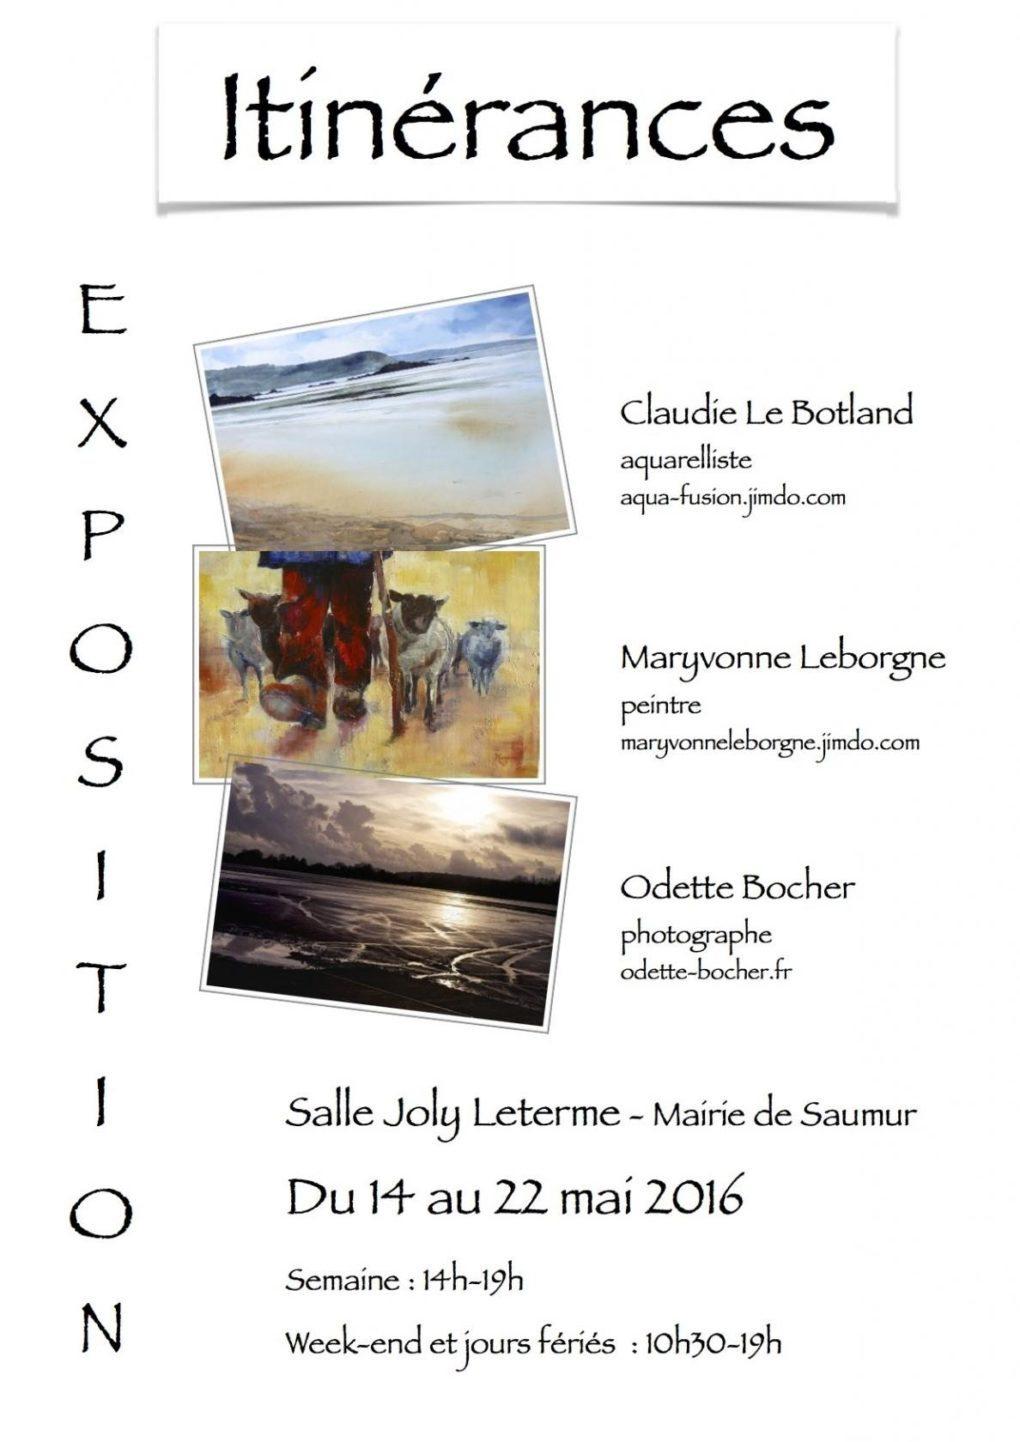 Exposition aquarelles, photos, peintures Itinérances Saumur